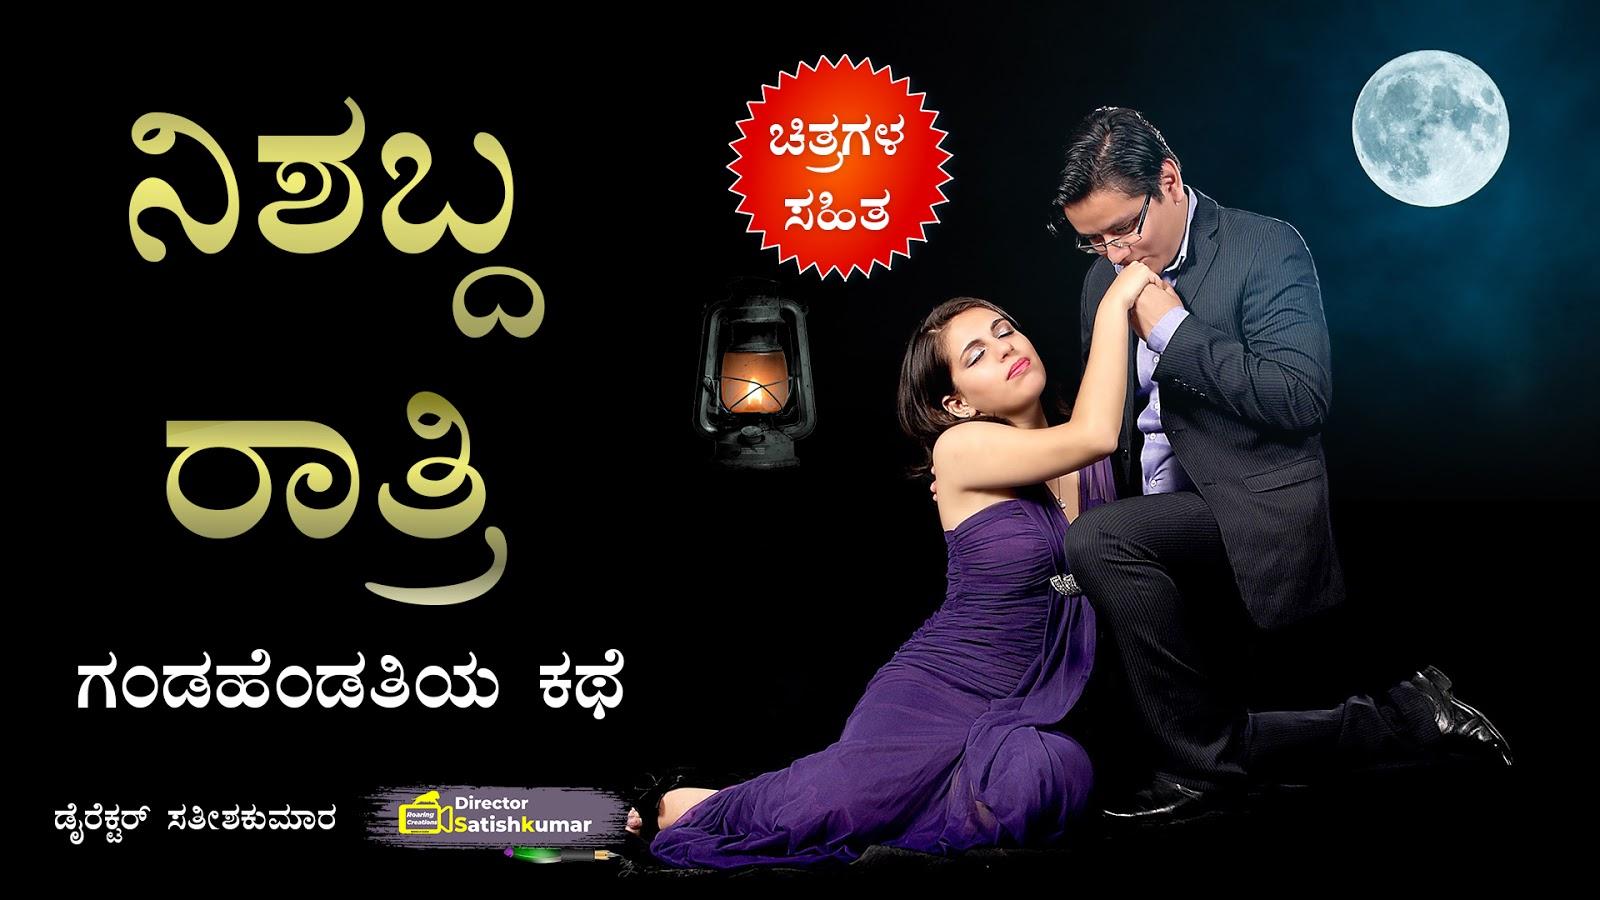 ನಿಶಬ್ದ ರಾತ್ರಿ : ಗಂಡಹೆಂಡತಿಯ ಕಥೆ - Romantic Love story of Husband and Wife in Kannada - ಕನ್ನಡ ಕಥೆ ಪುಸ್ತಕಗಳು - Kannada Story Books -  E Books Kannada - Kannada Books